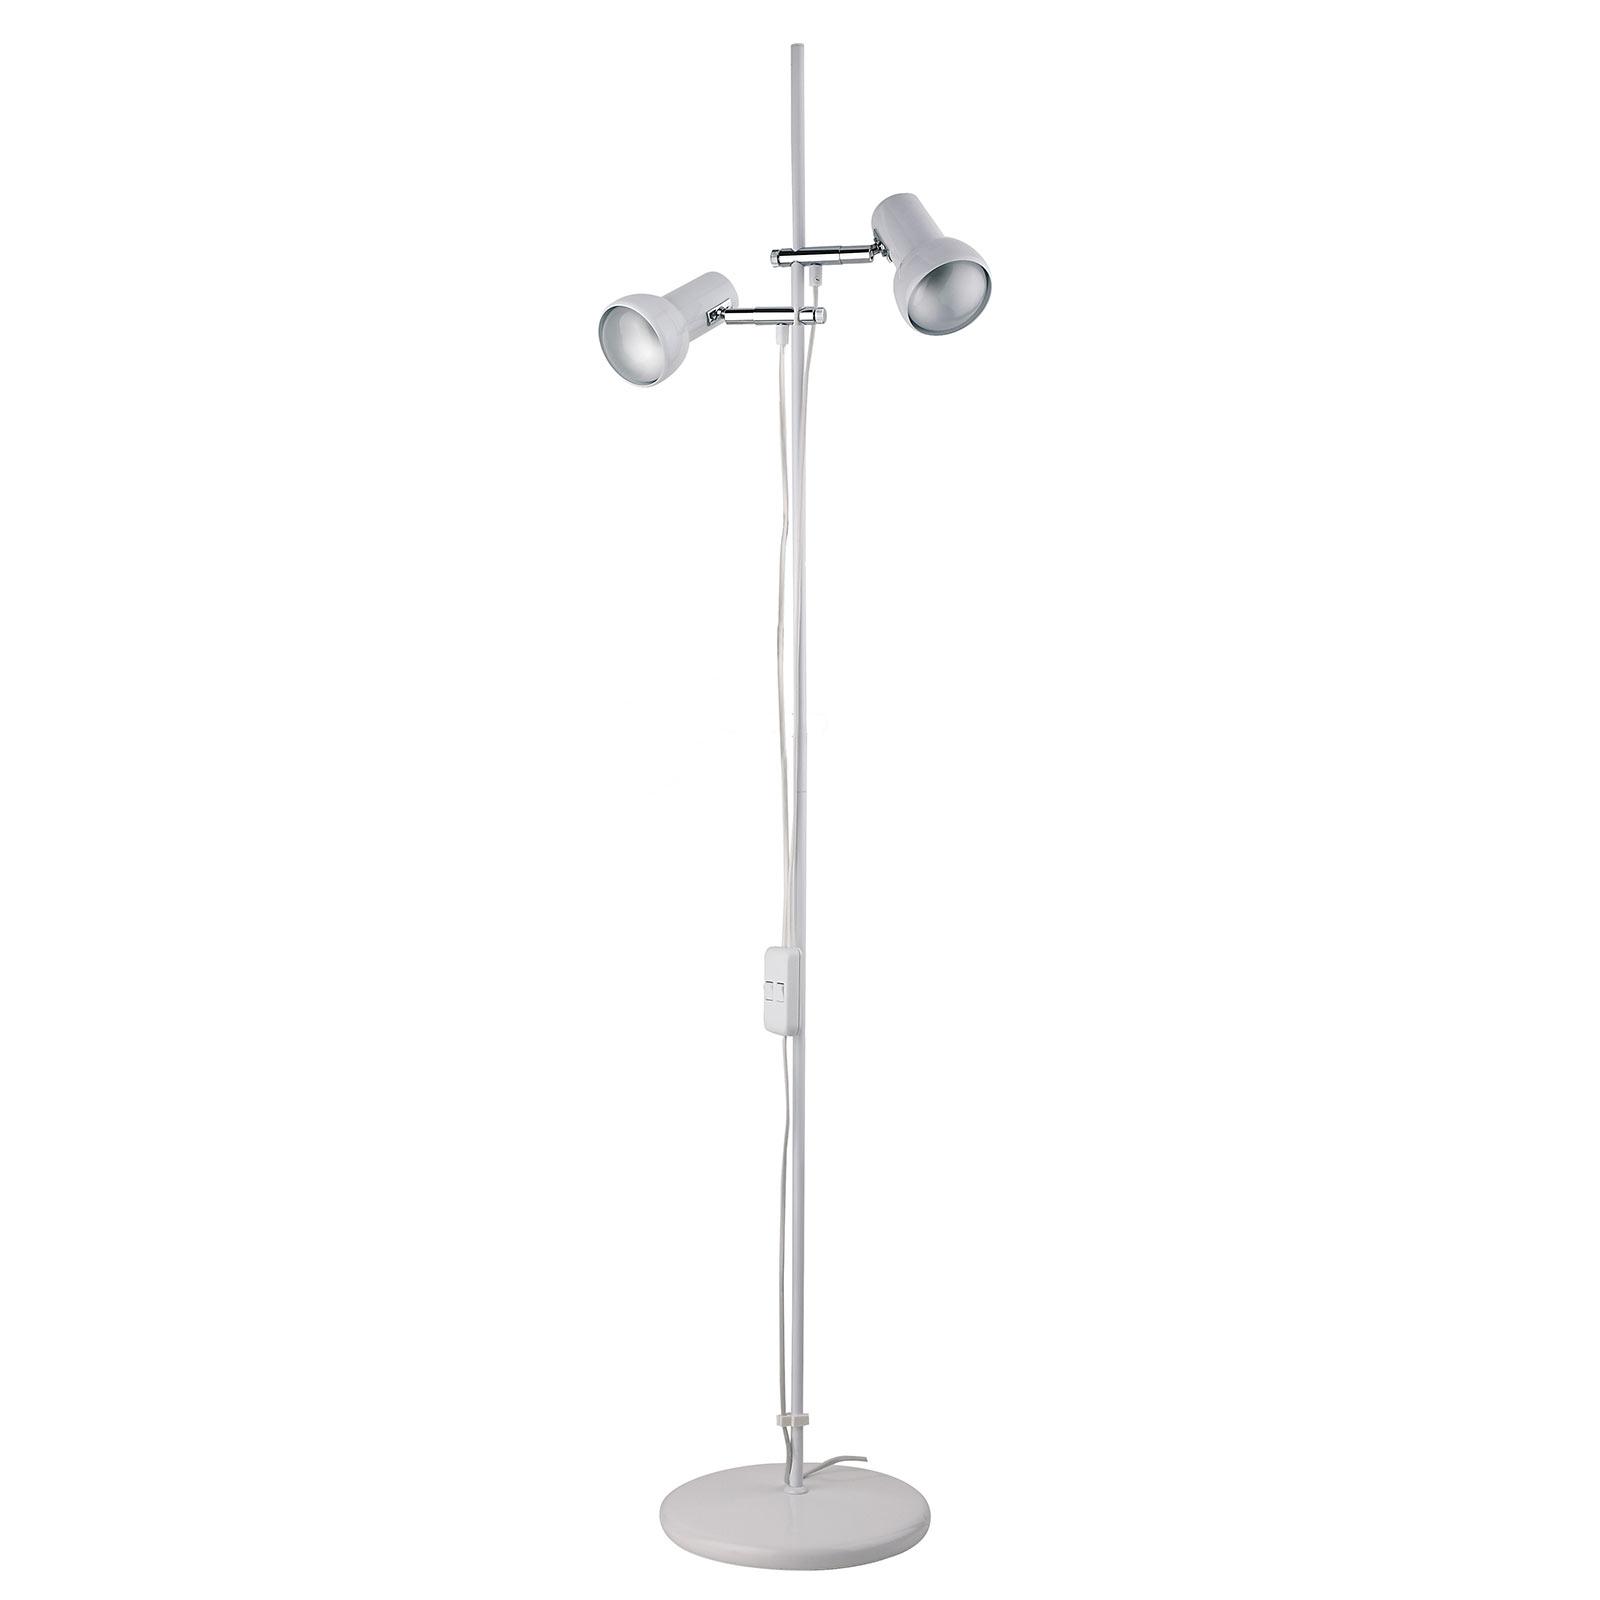 EIFEL standerlampe med 2 lyskilder, hvid